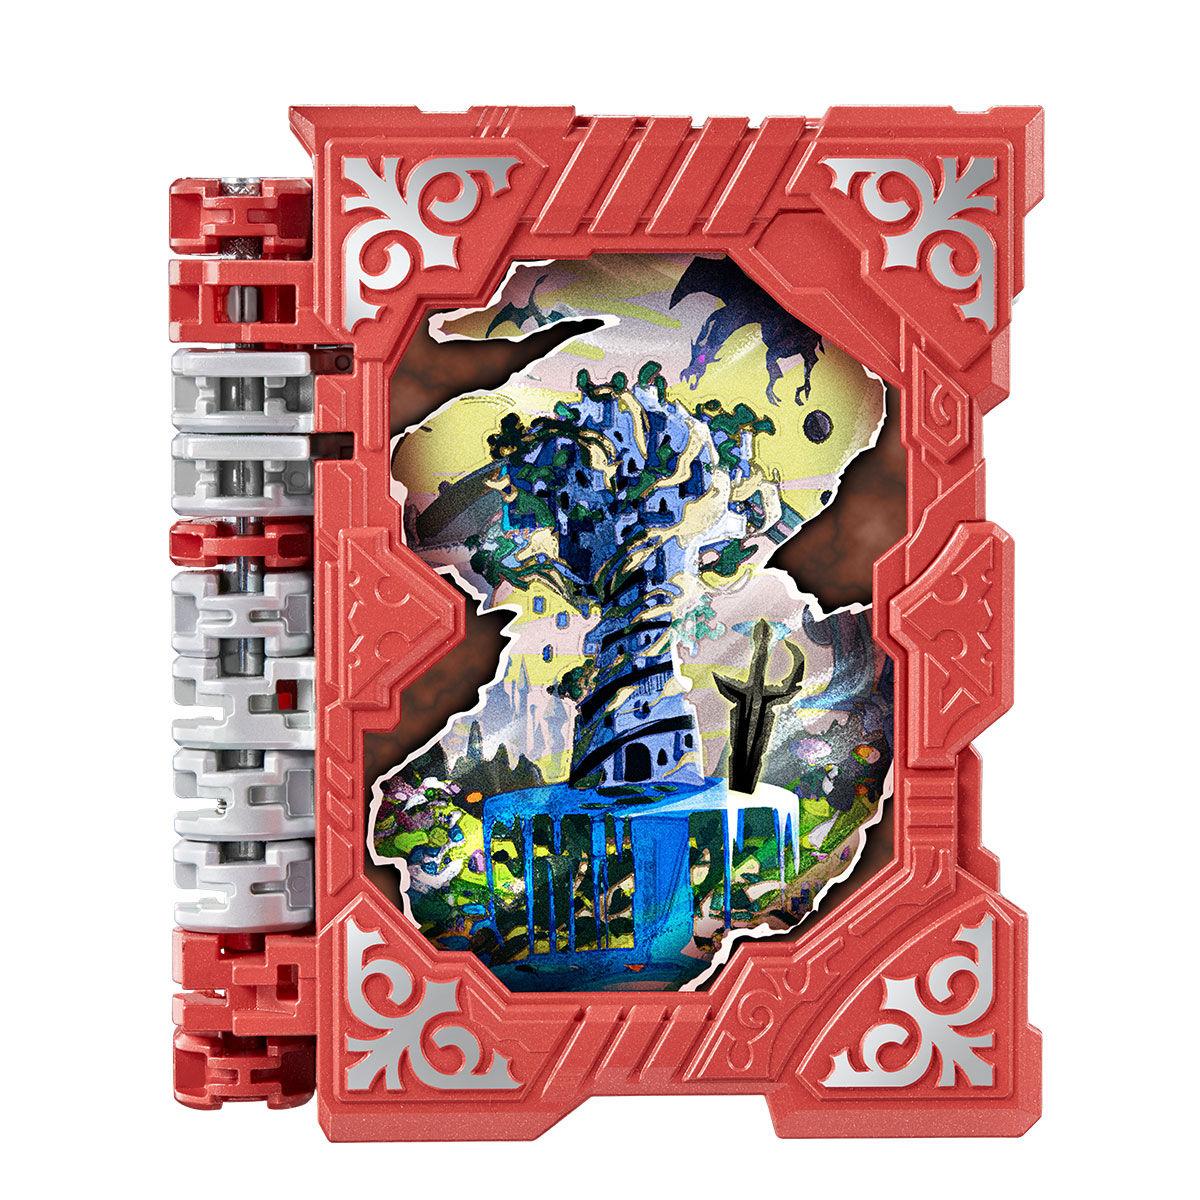 【限定販売】仮面ライダーセイバー『DXオムニフォース&グリモワールワンダーライドブック+ドゥームズドライバーバックル』仮面ライダーソロモン&仮面ライダーストリウス 変身なりきり-007